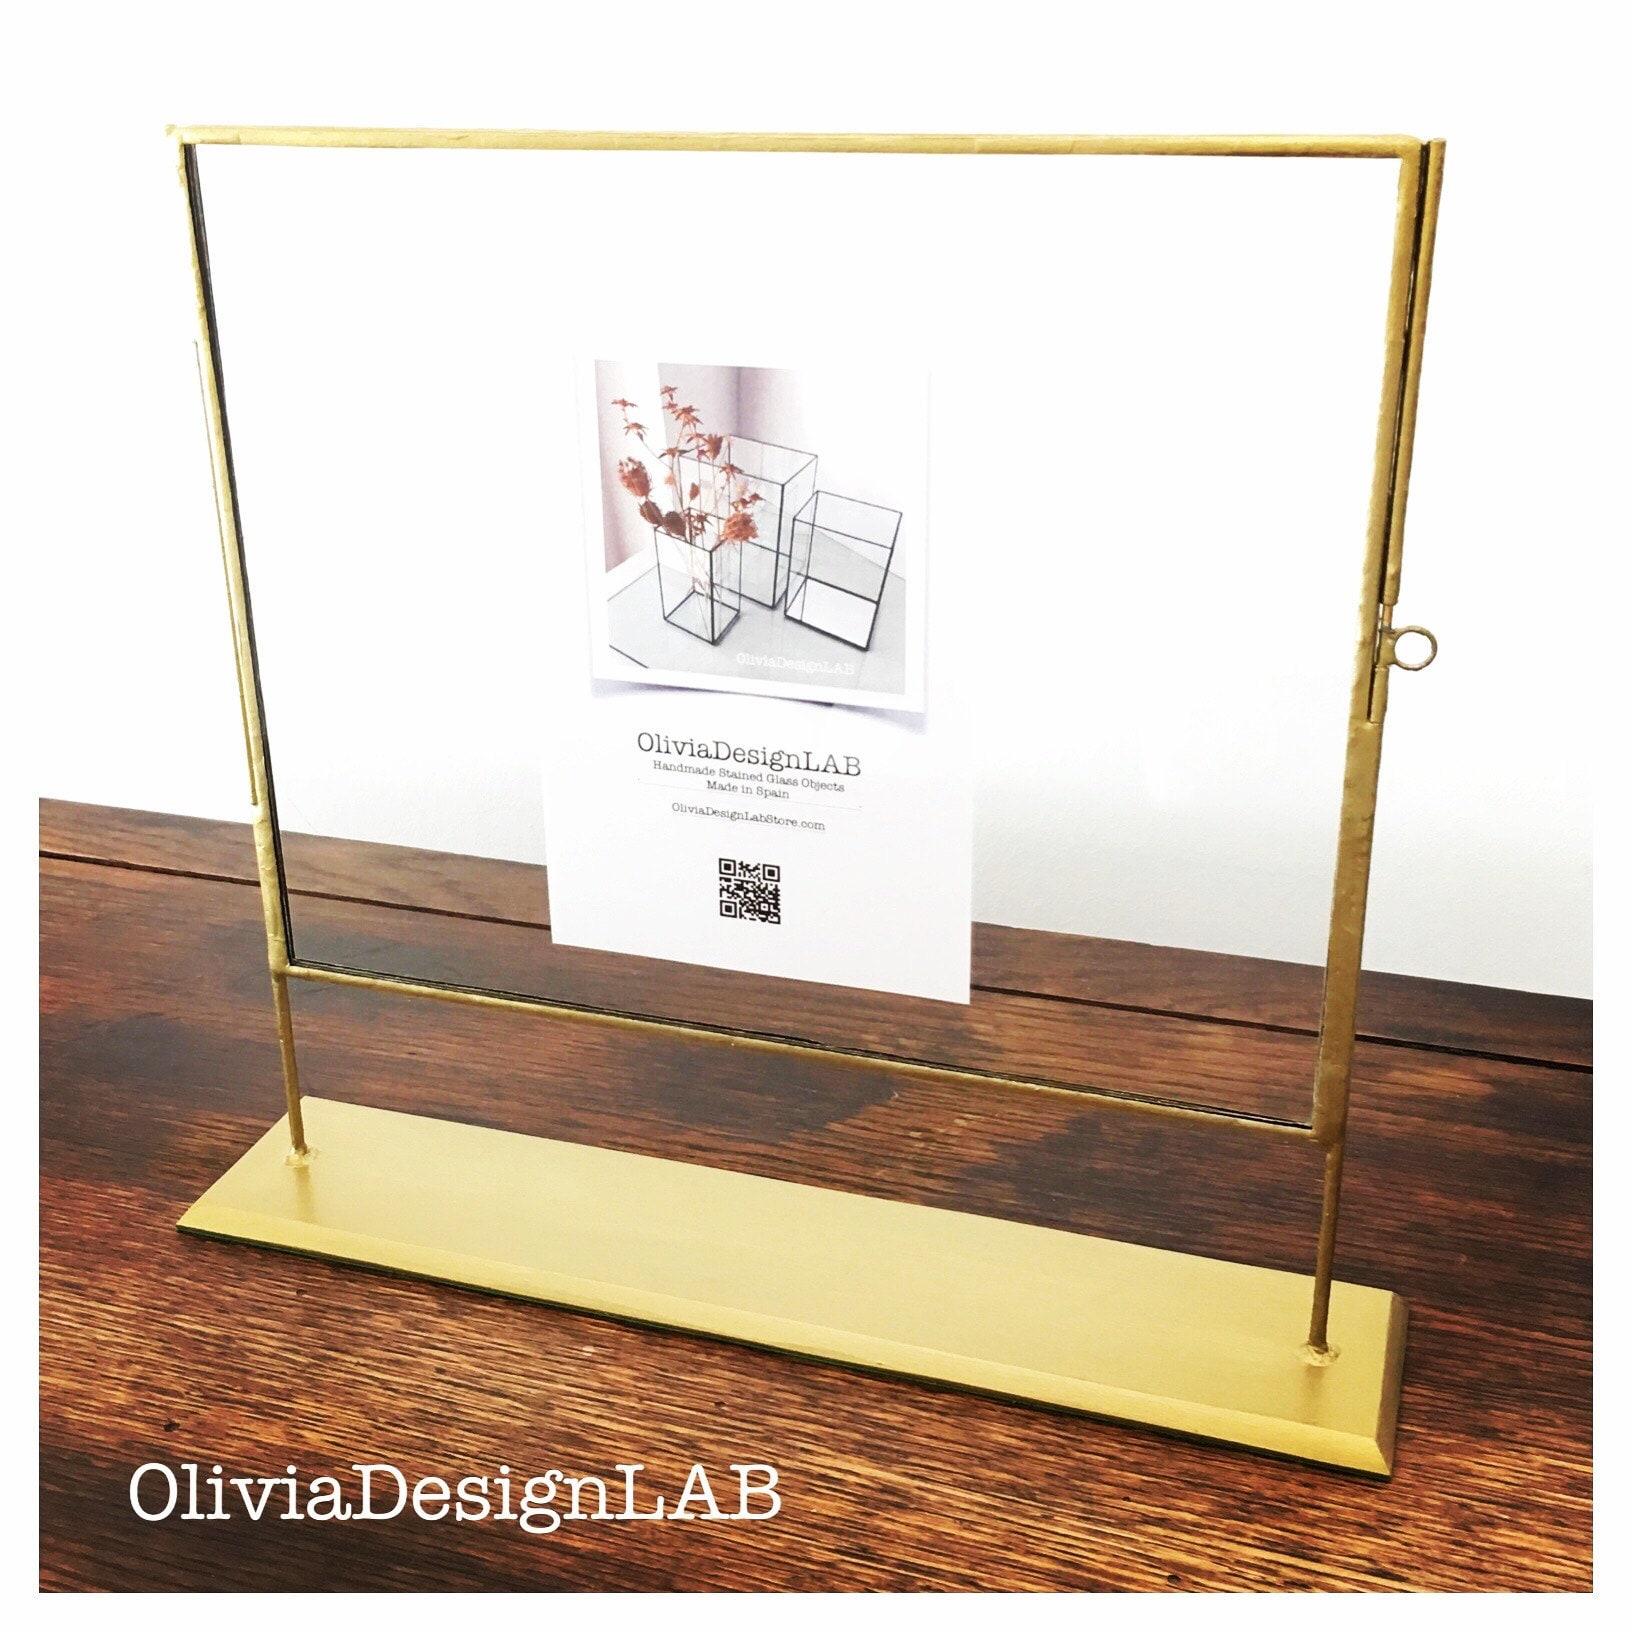 Frame with pedestal / Marco con pedestal.